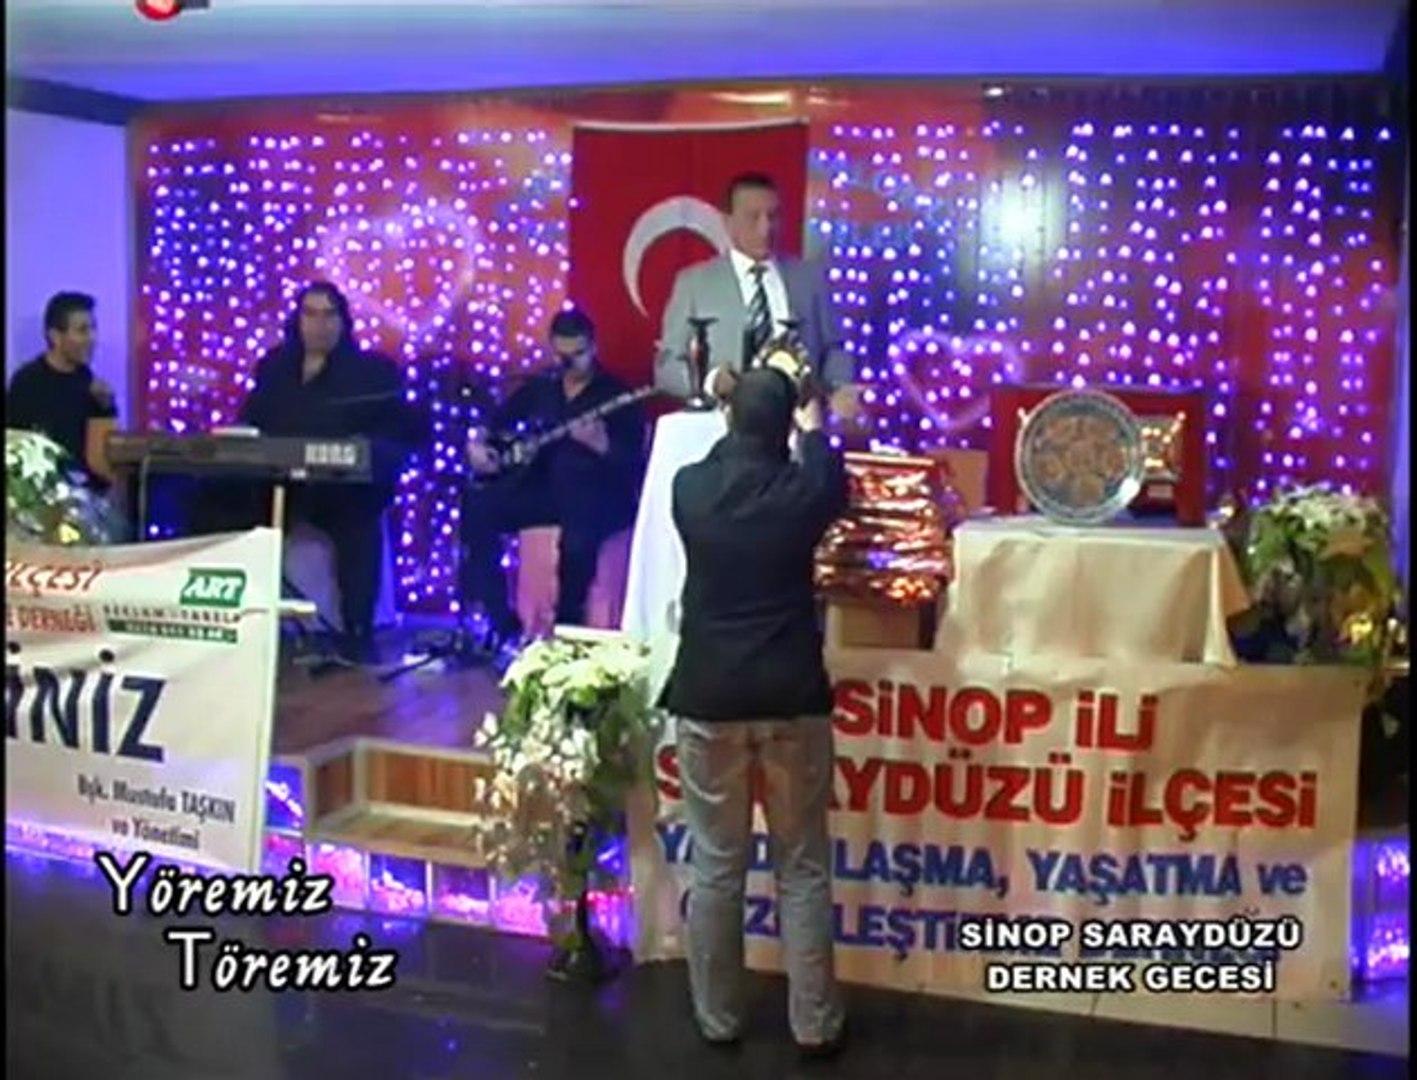 Yöremiz Töremiz - Sinop Saraydüzü Dernek Gecesi 2.Bölüm